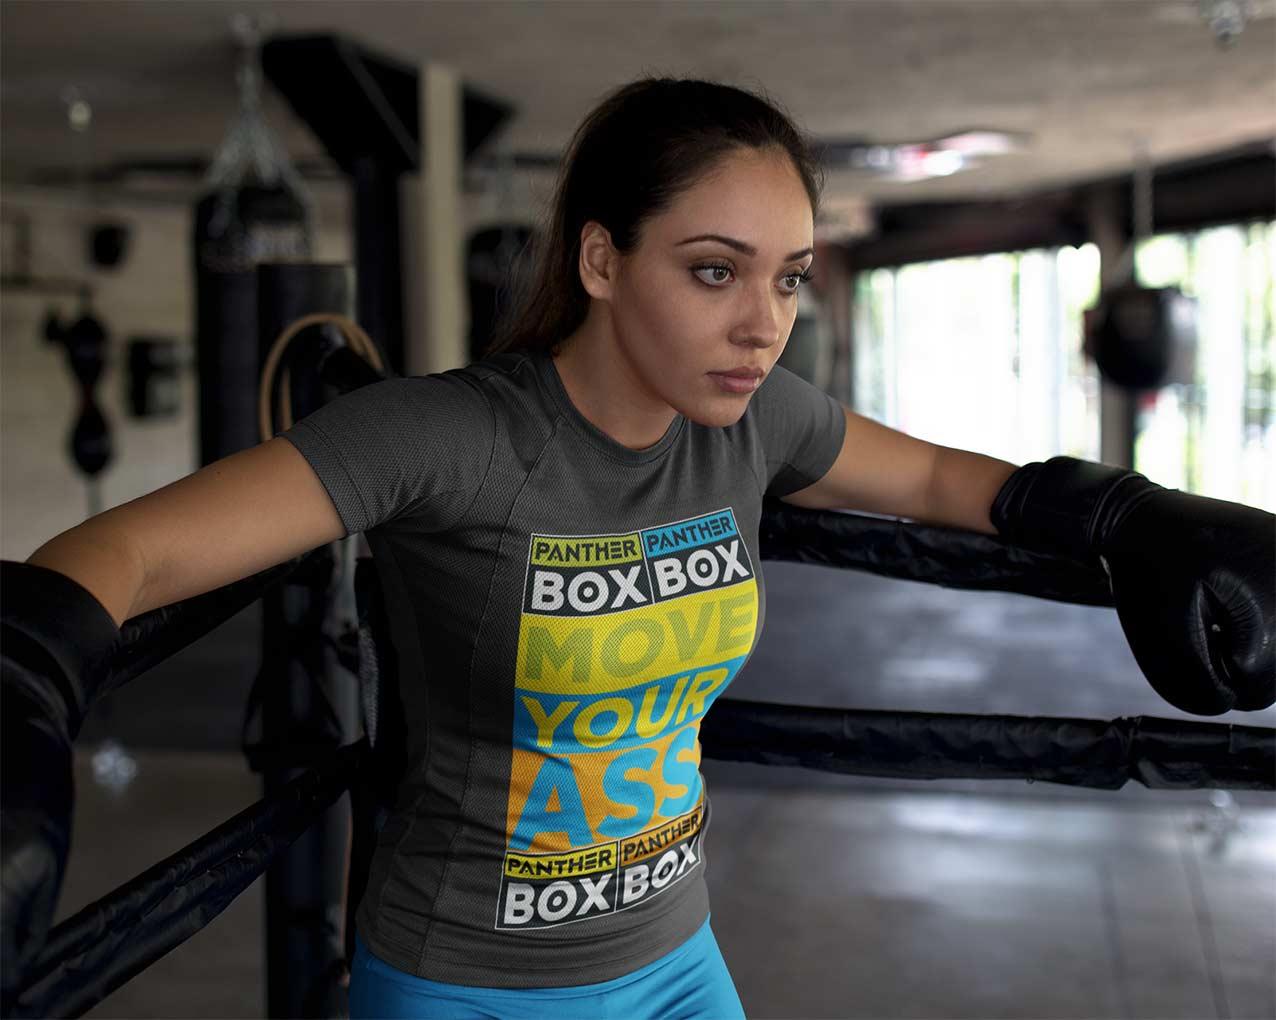 diseño de ropa deportiva brillante en boxeador joven